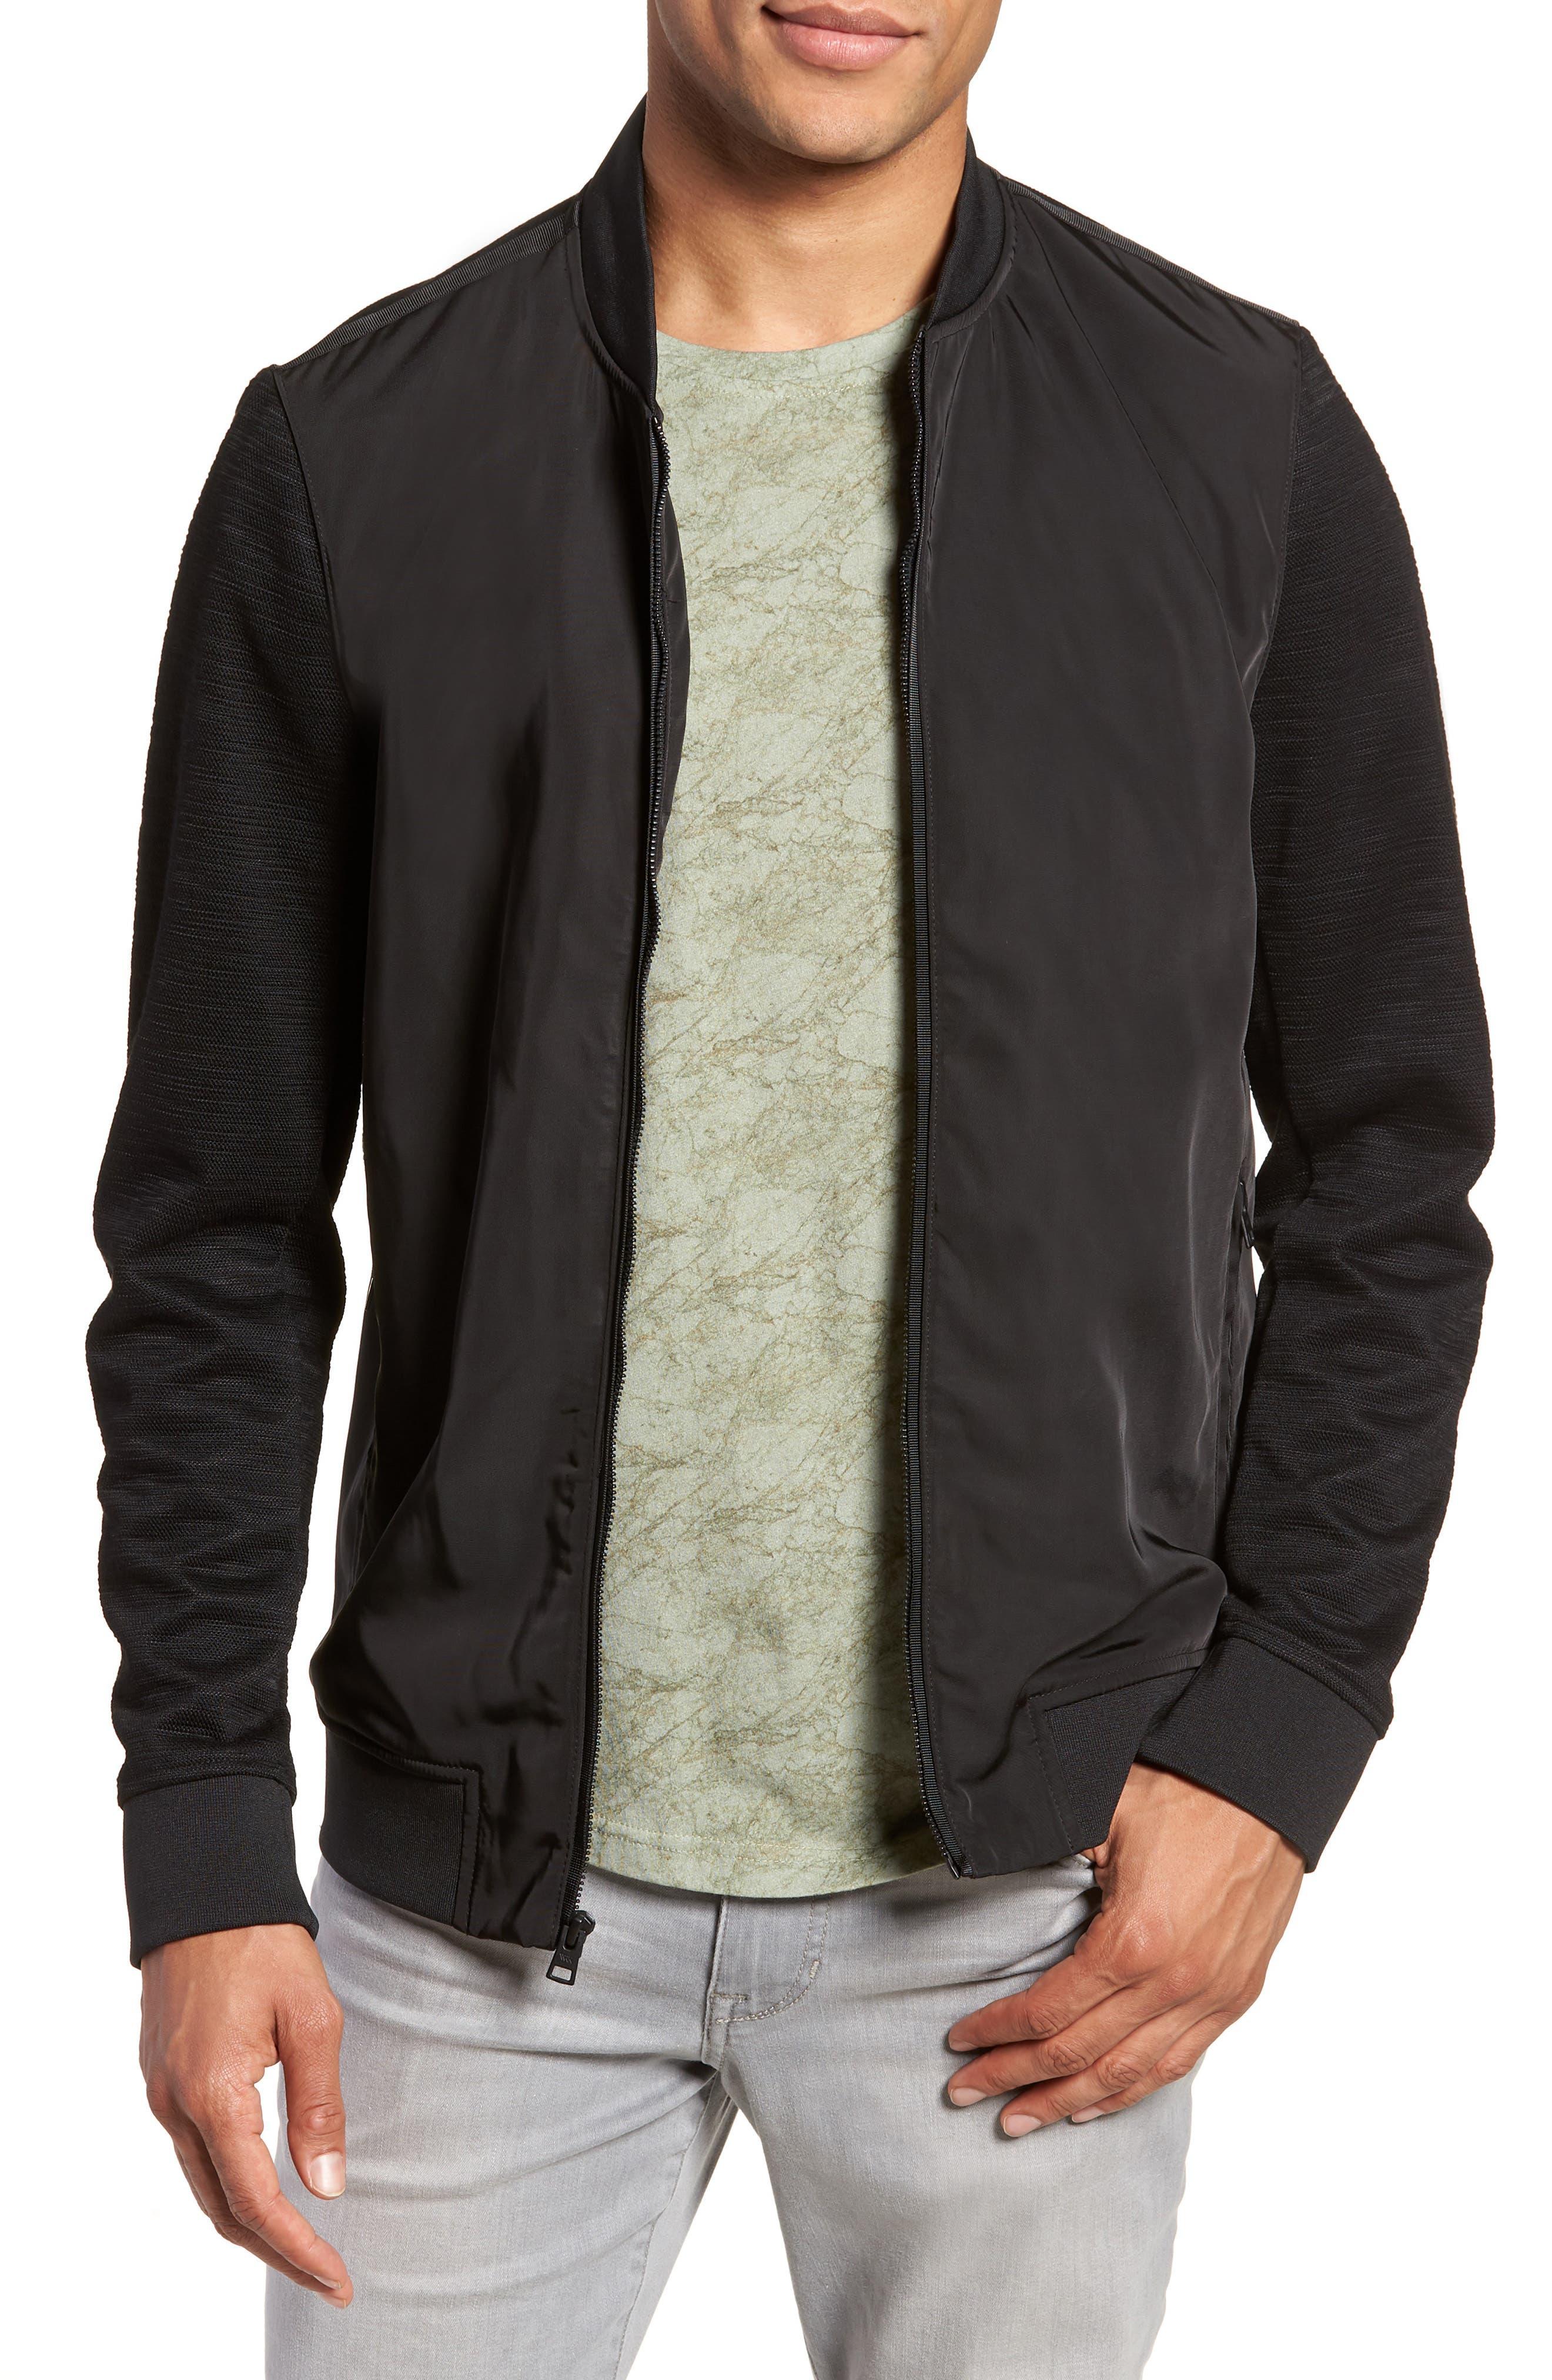 Gesso Slim Fit Bomber Jacket,                         Main,                         color, Black